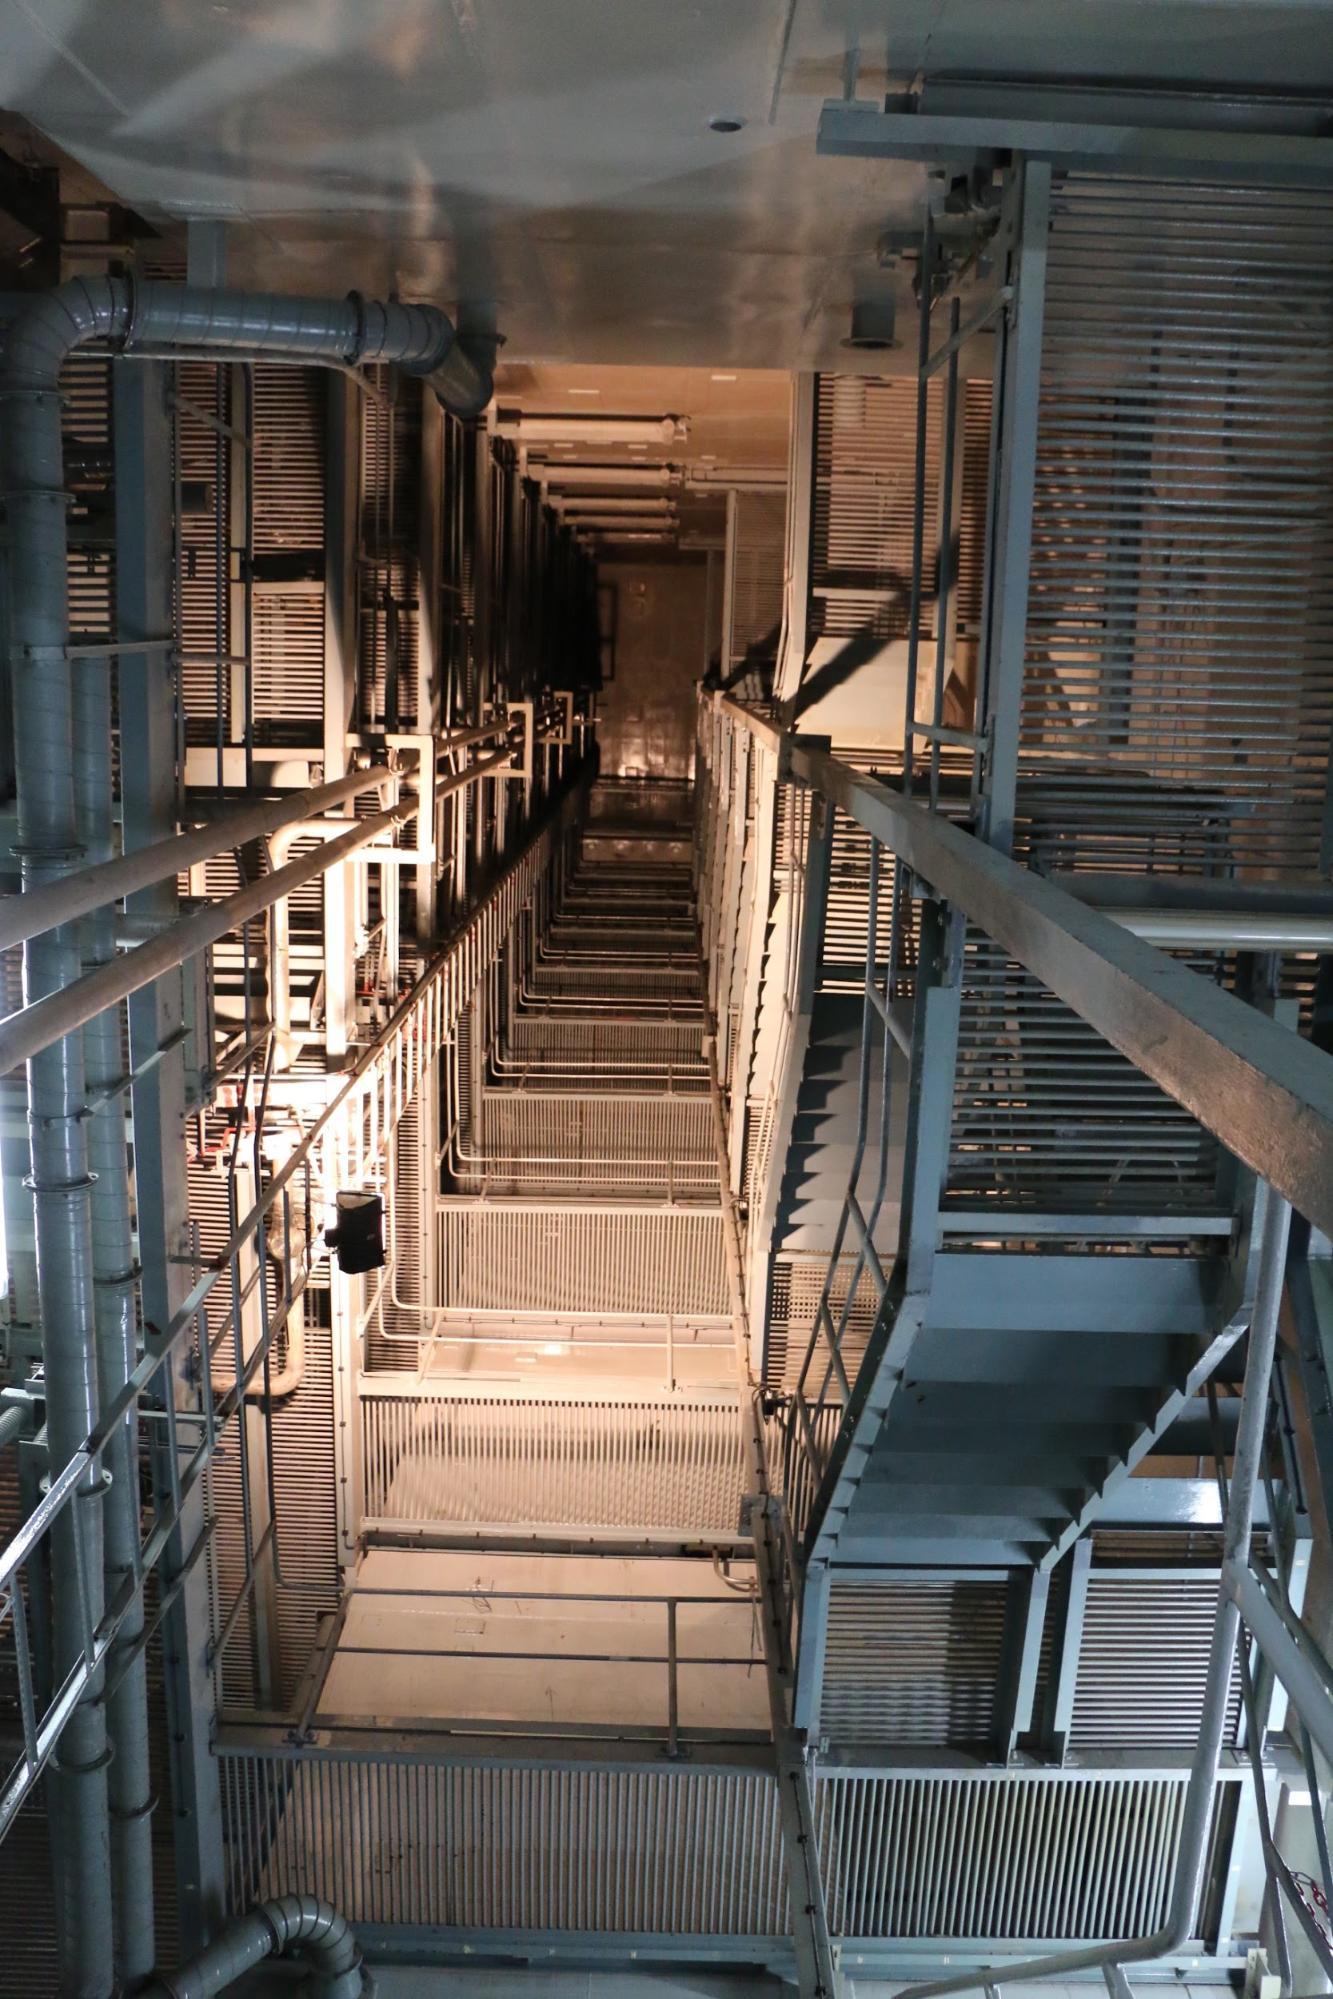 Súlyos baleset esetén az úgynevezett konténmentnek kellett volna gondoskodnia arról, hogy a primer körből kijutó anyagokat ne engedje a külvilágba. Ebbe tartozik az itt látható lokalizációs torony, ahol 12 szinten helyezték el a nyomáscsökkentő rendszereket (buborékoltató kondenzátorokat).